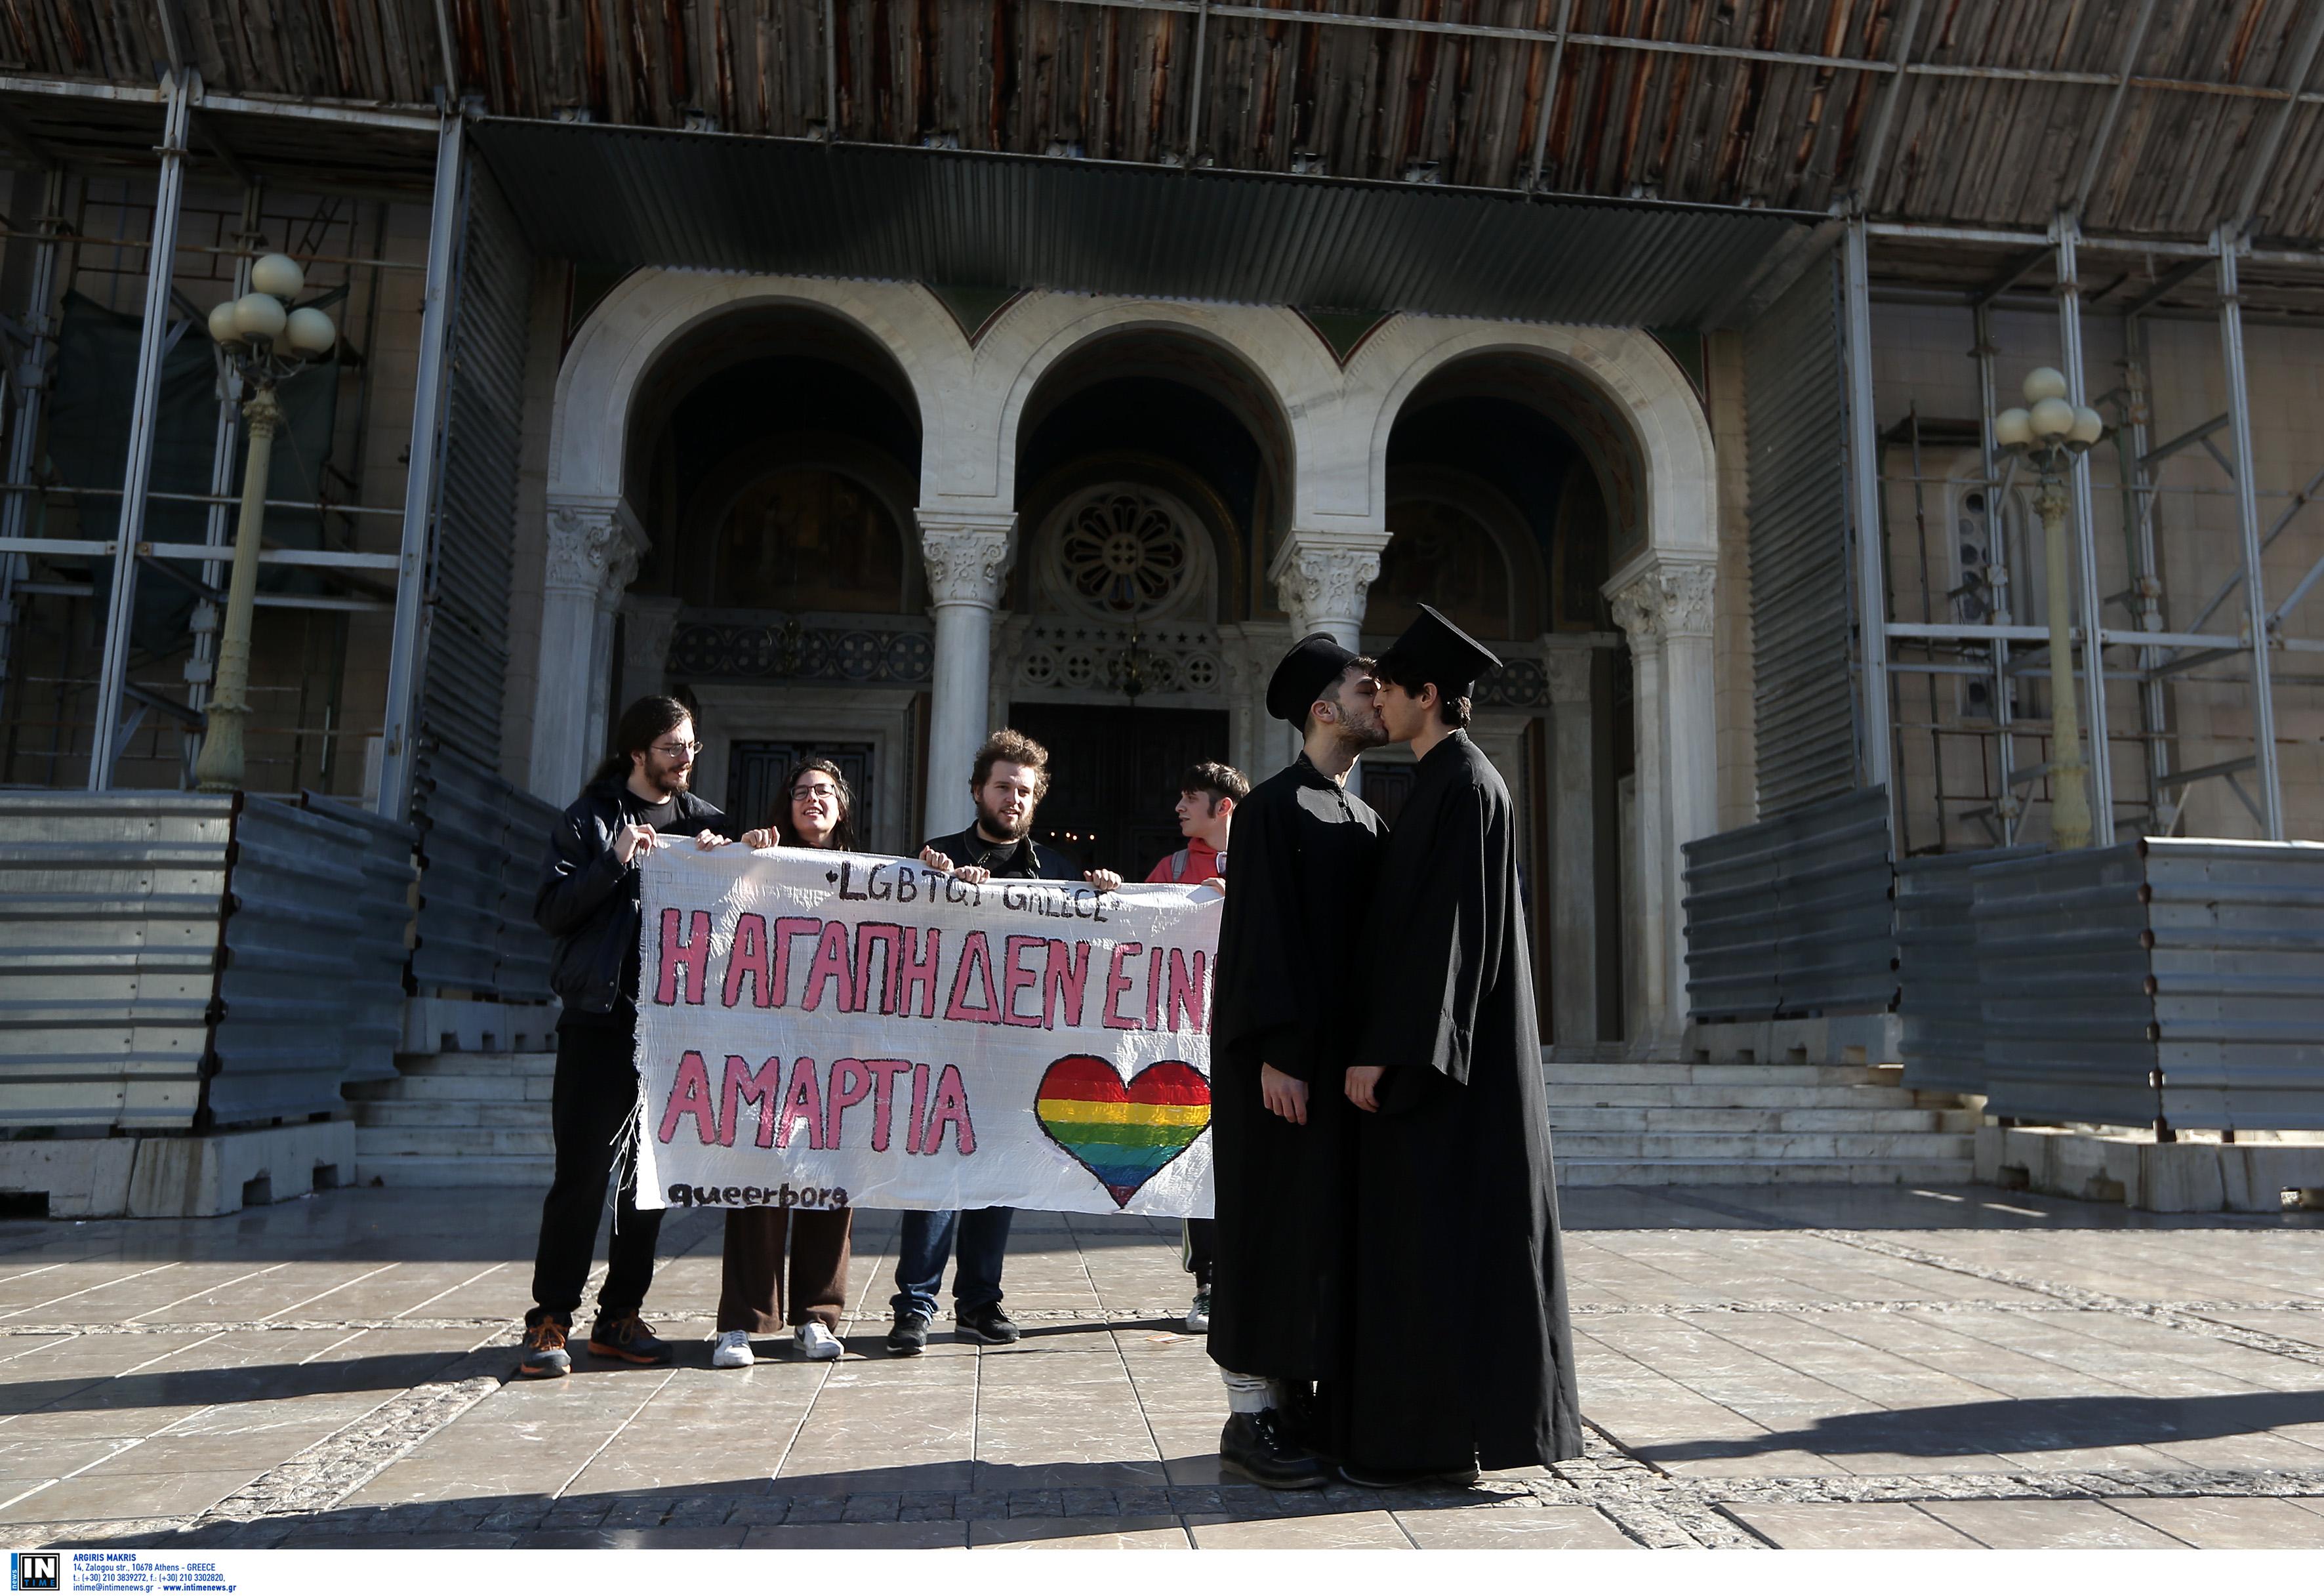 Επιμένει ο παραιτηθείς Αμβρόσιος για τους ομοφυλόφιλους: Το ευαγγέλιο καταδικάζει την ανώμαλη σχέση